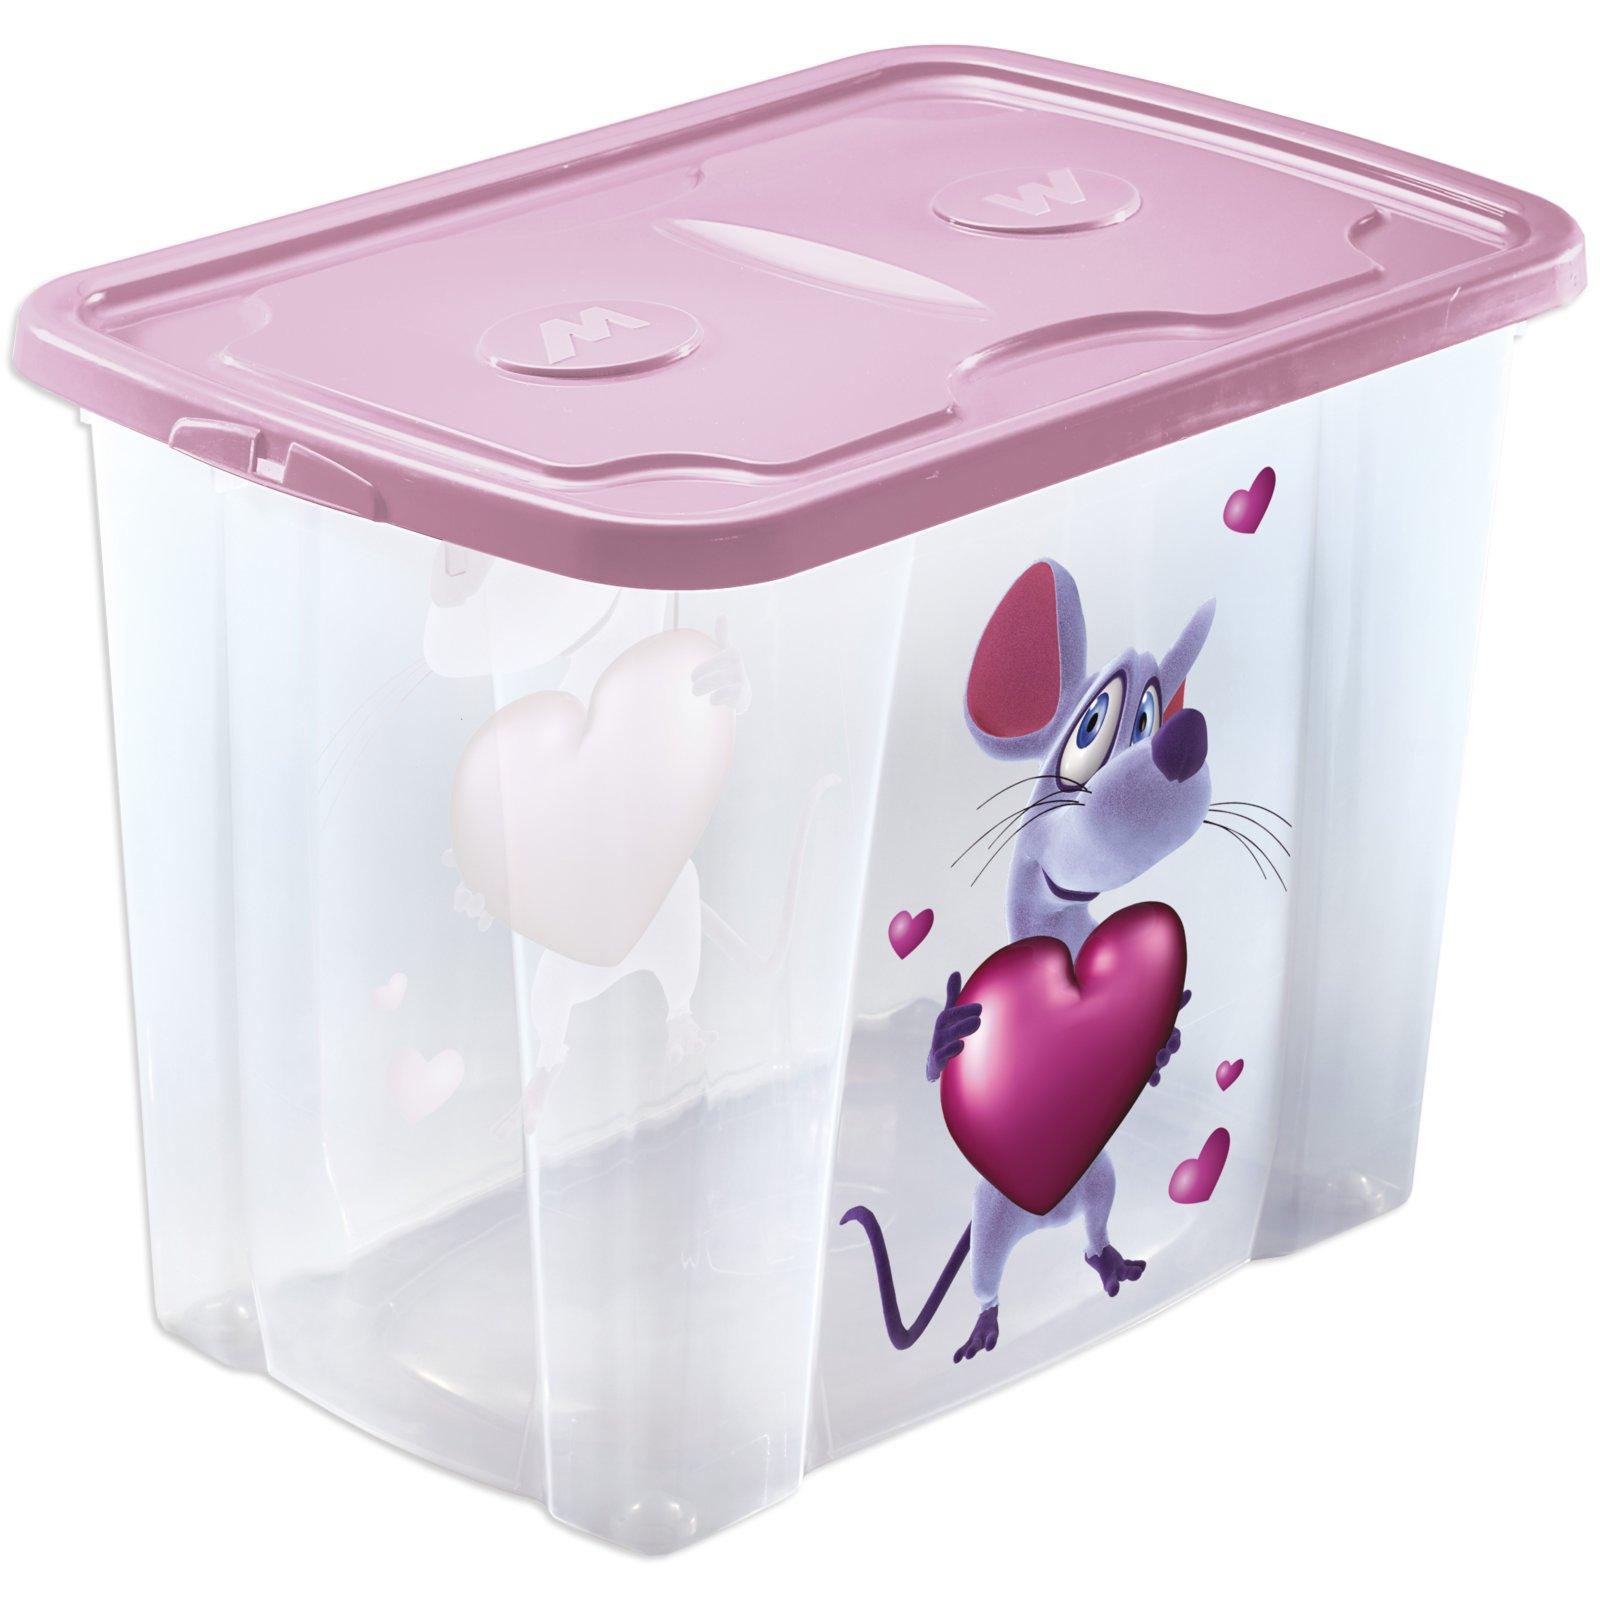 rollbox maus rosa mit deckel 64 liter spielzeug. Black Bedroom Furniture Sets. Home Design Ideas